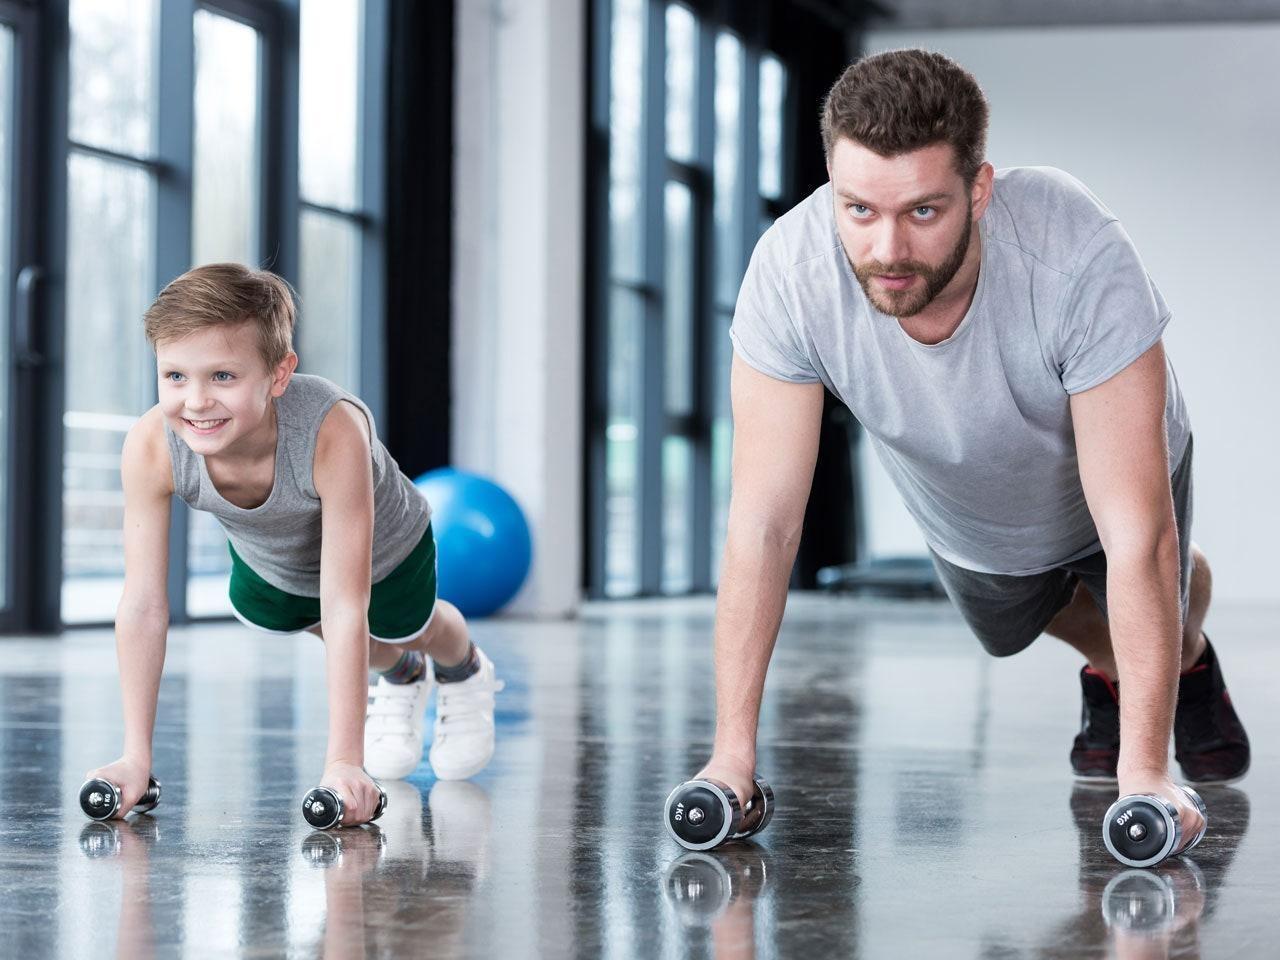 Облечи се спортно и тренирай вкъщи